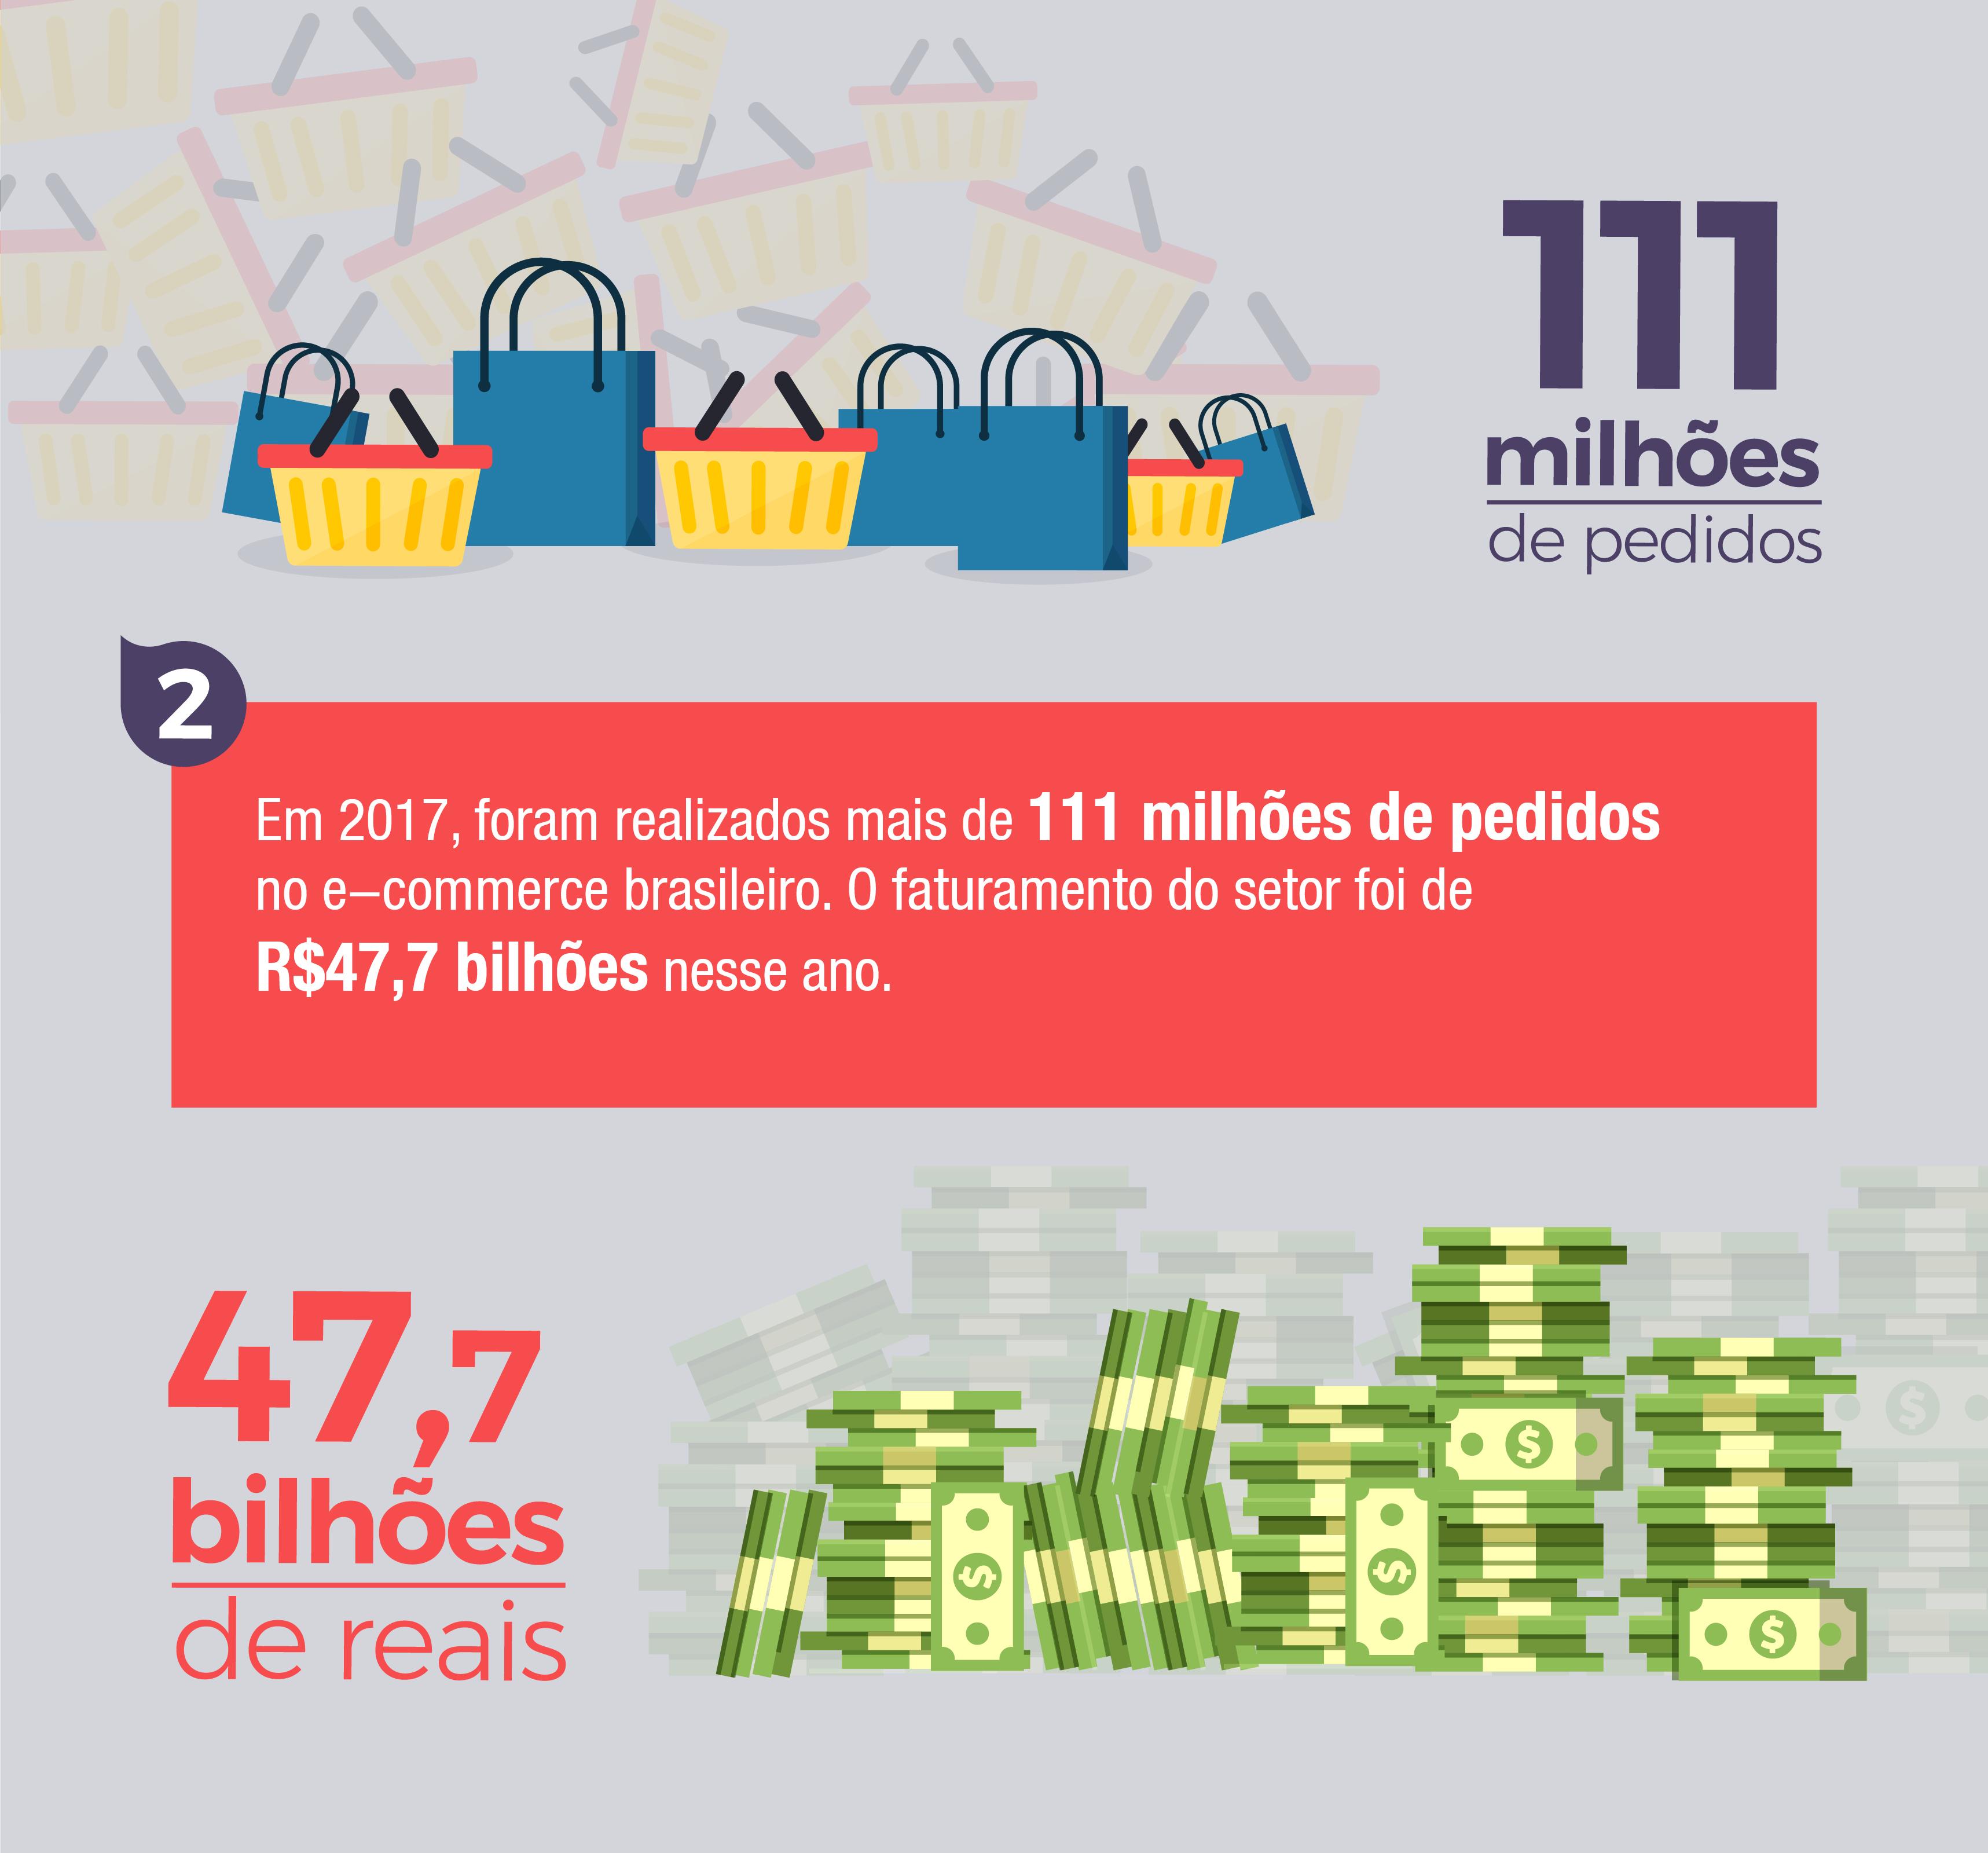 info_principais-dados-do-e-commerce-02-02-02